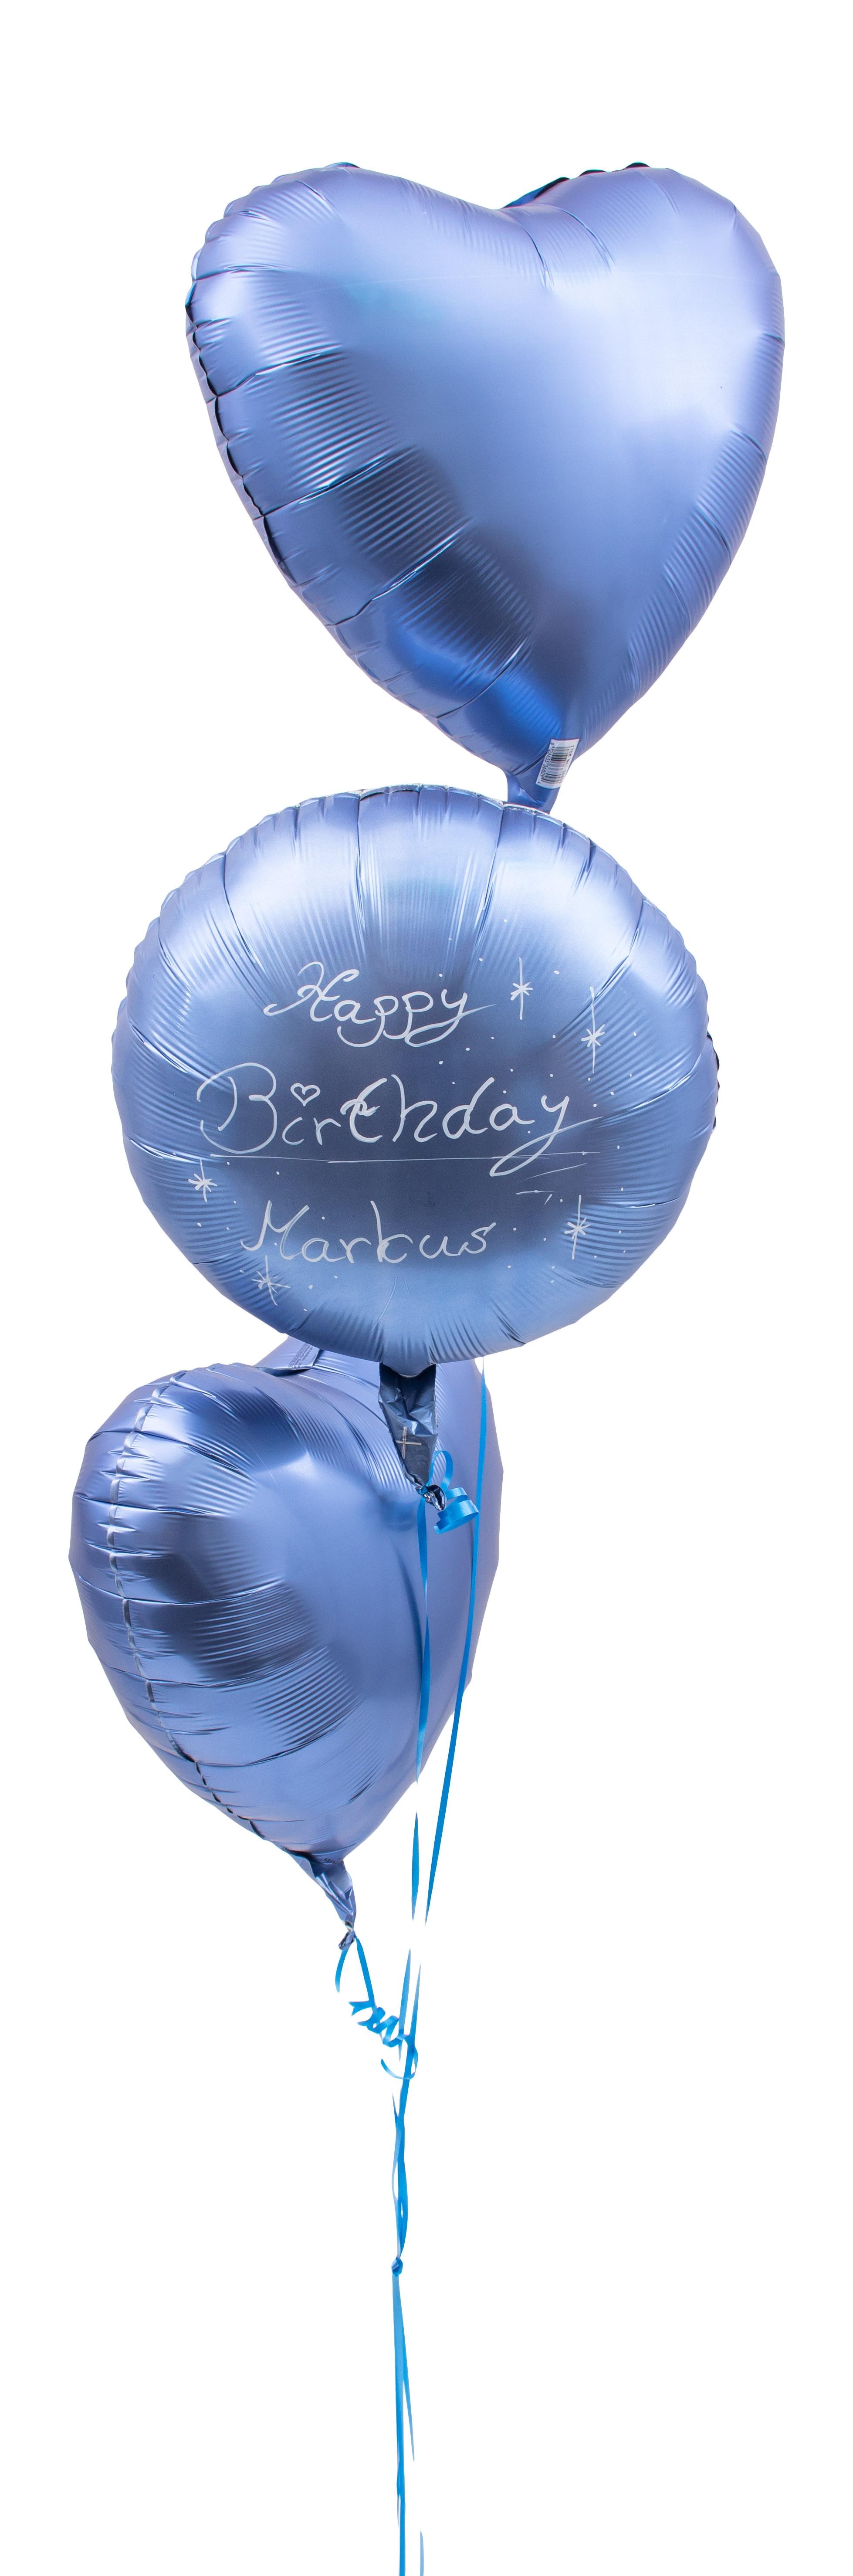 Ballon Strauß Satin Blau Handbeschriftet